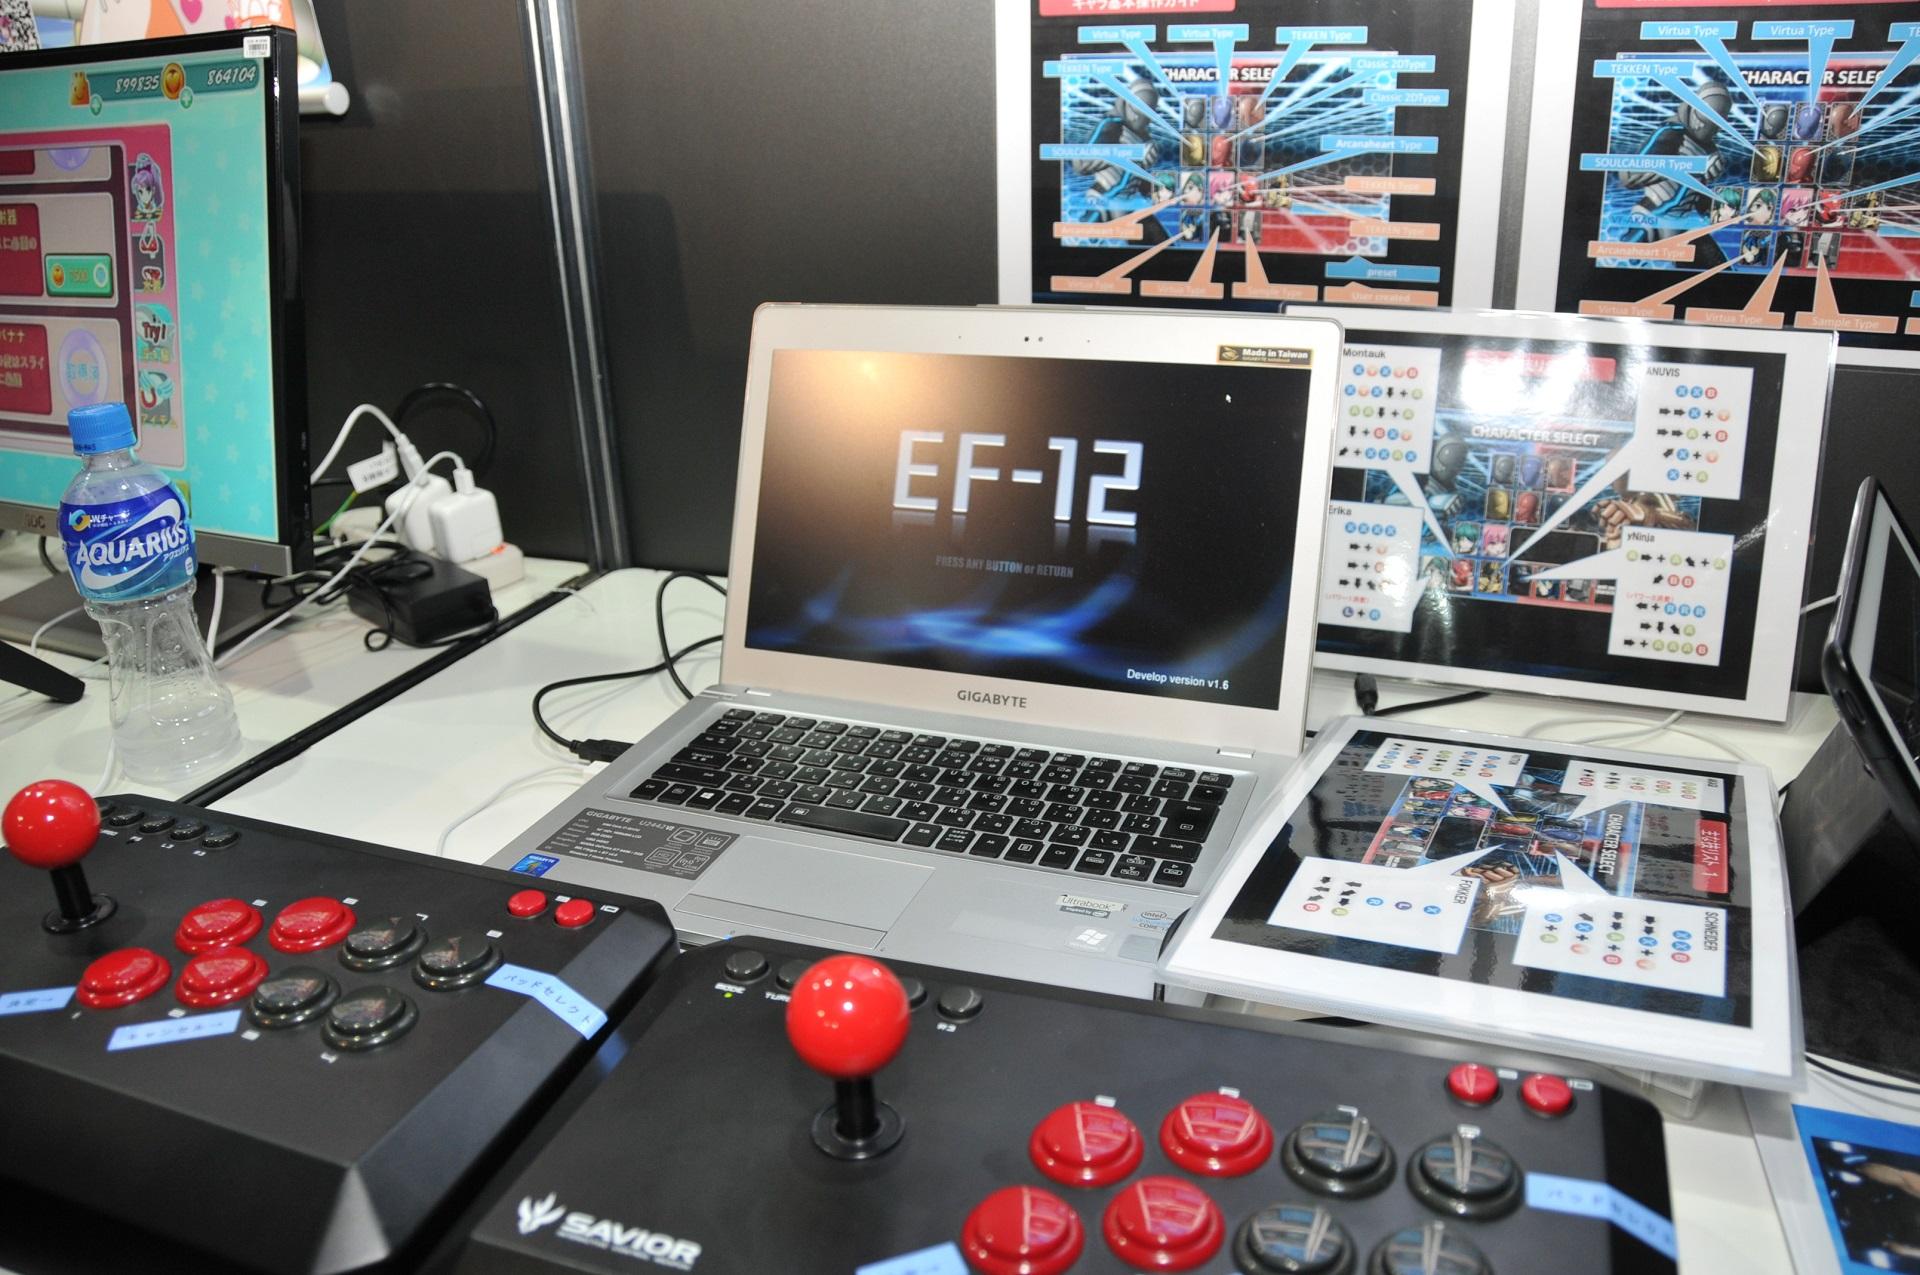 クアッドアローより『EF-12』